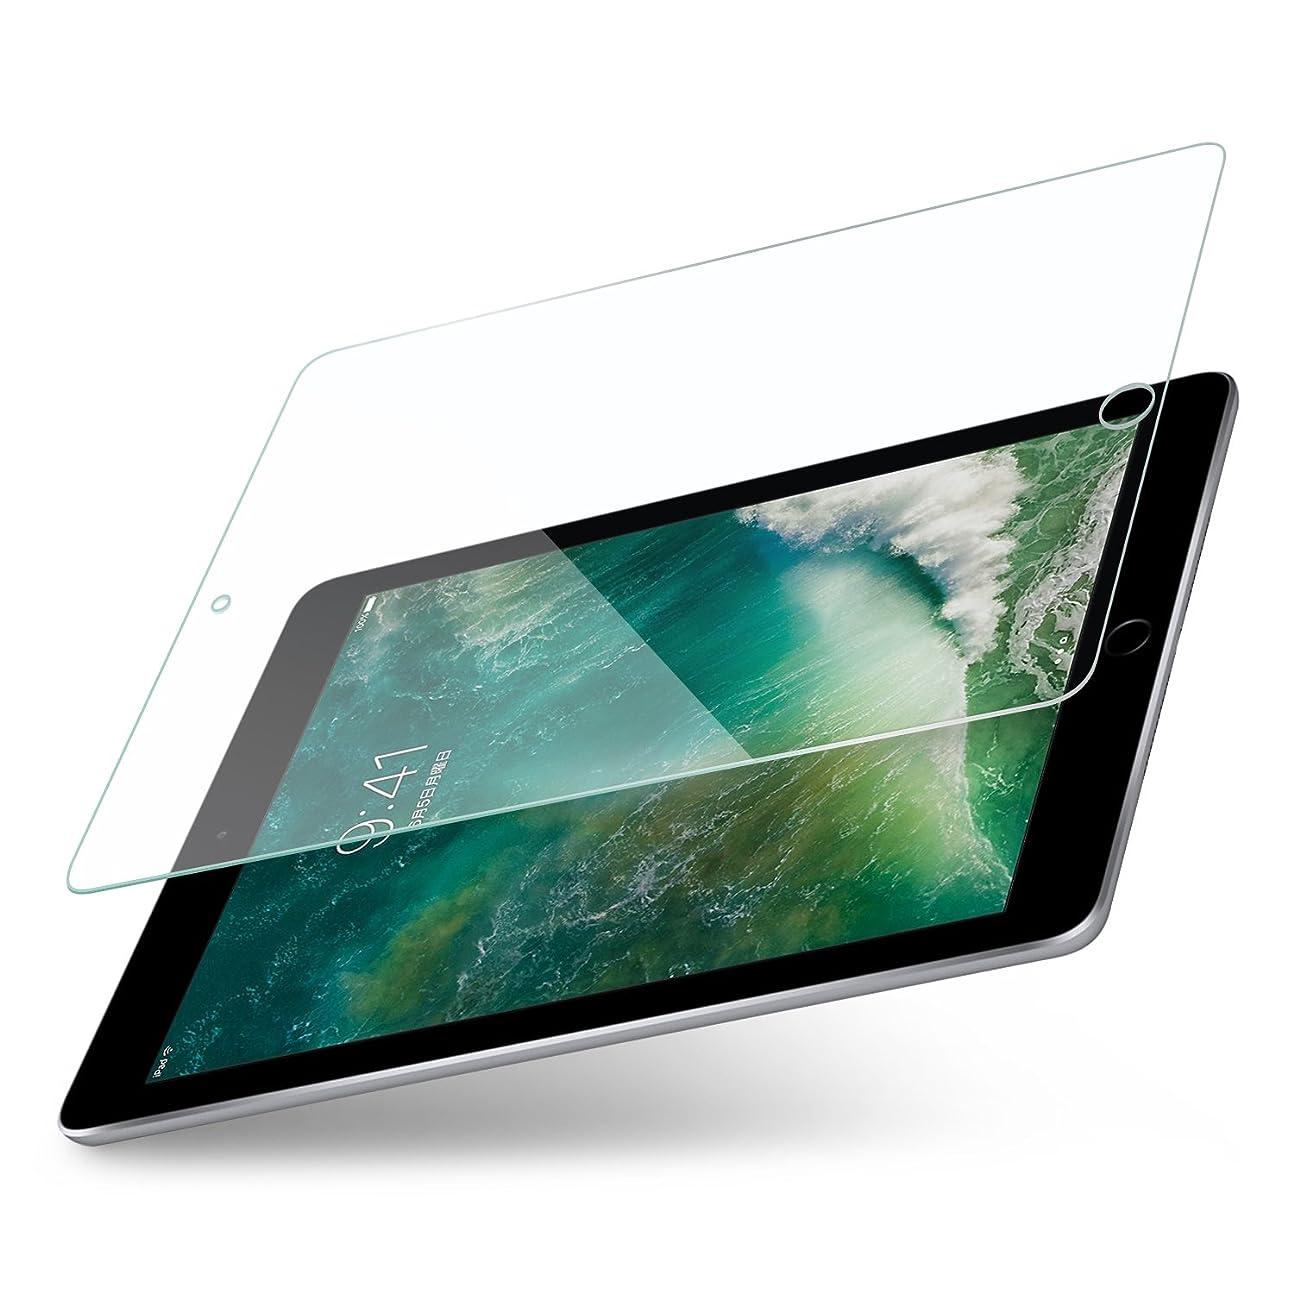 流用する肩をすくめるコークスCASEBANK iPad 10.5 インチ 強化 ガラスフィルム 高感度タッチ 気泡ゼロ 0.33mm 日本製素材 全面ガラスフィルム 液晶保護 指紋防止 3Dラウンドエッジ 9H 高透明 クリア TGP-IPAD105-075